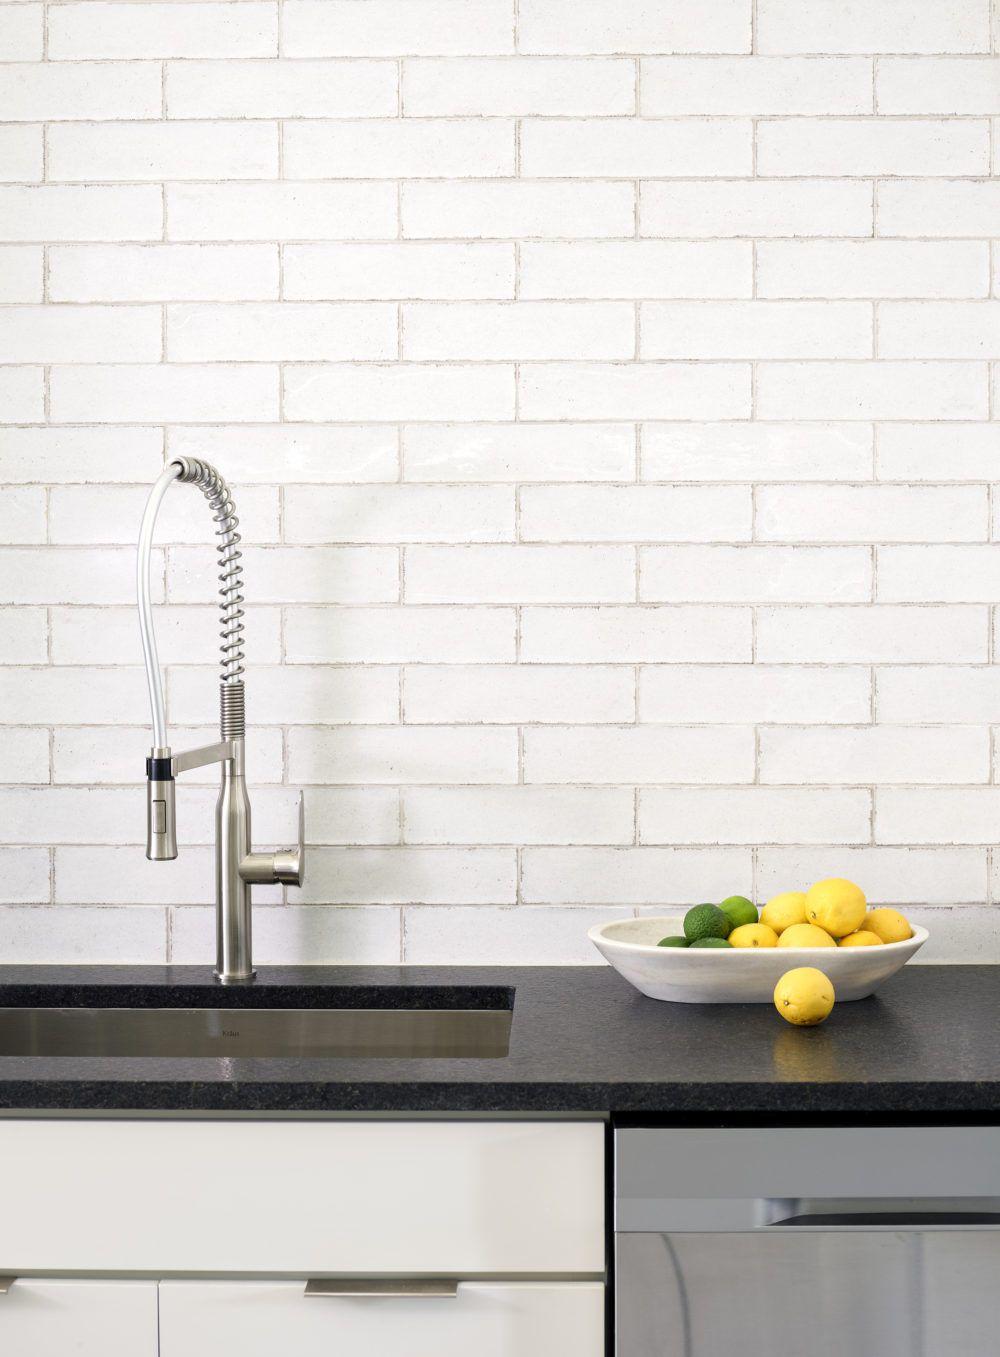 kitchen tiles backsplash the tile shop